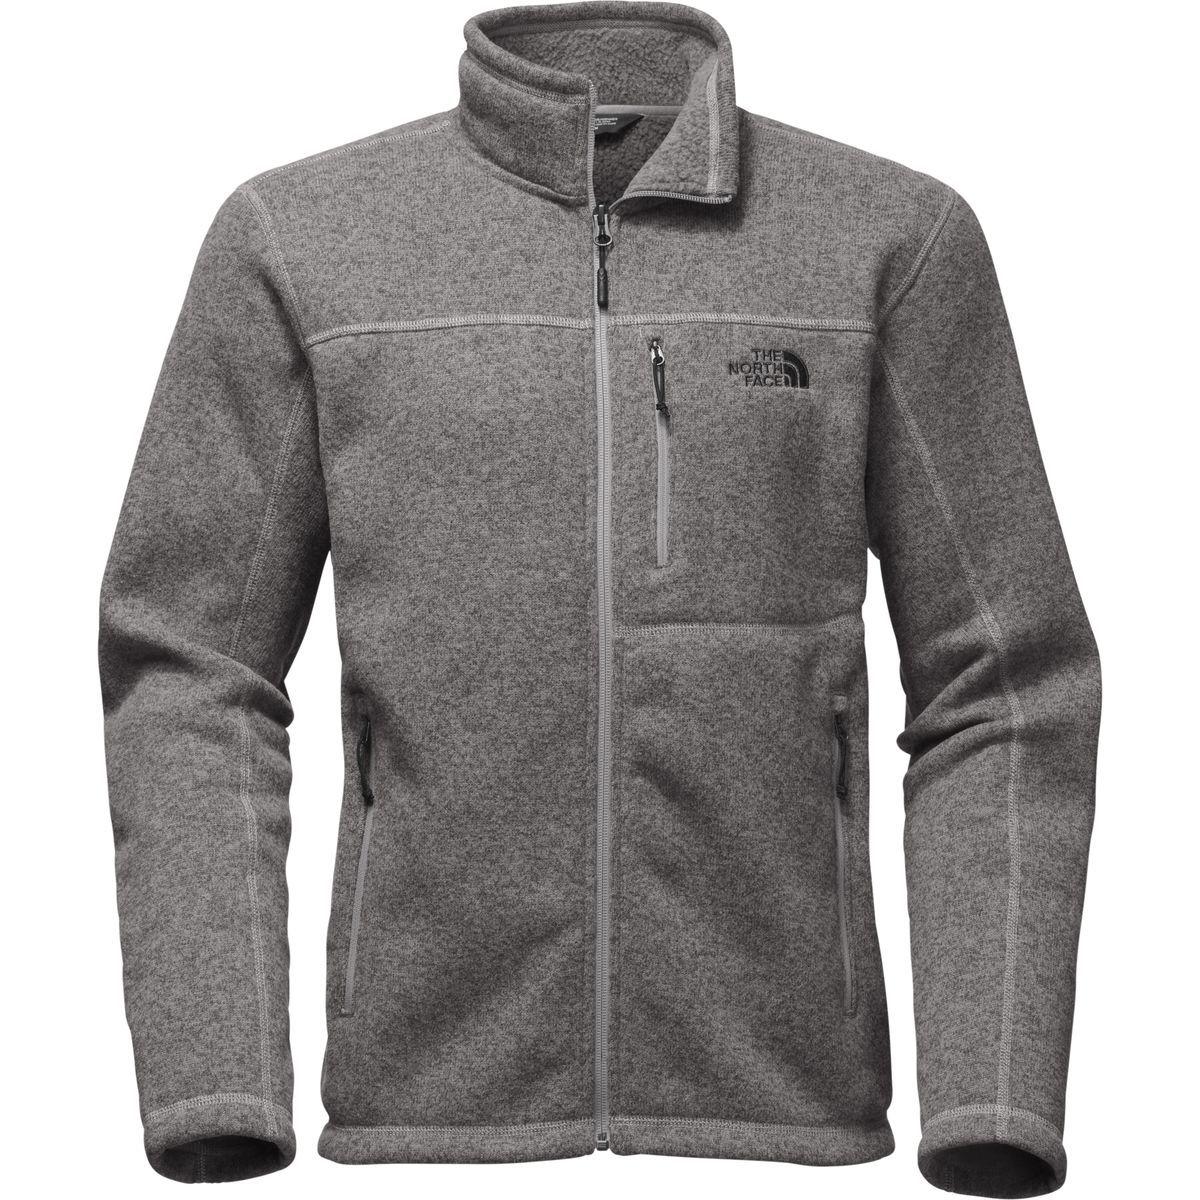 The North Face Gordon Lyons Fleece Jacket Men S North Face Jacket Womens Fleece Jacket North Face Jacket [ 1200 x 1200 Pixel ]